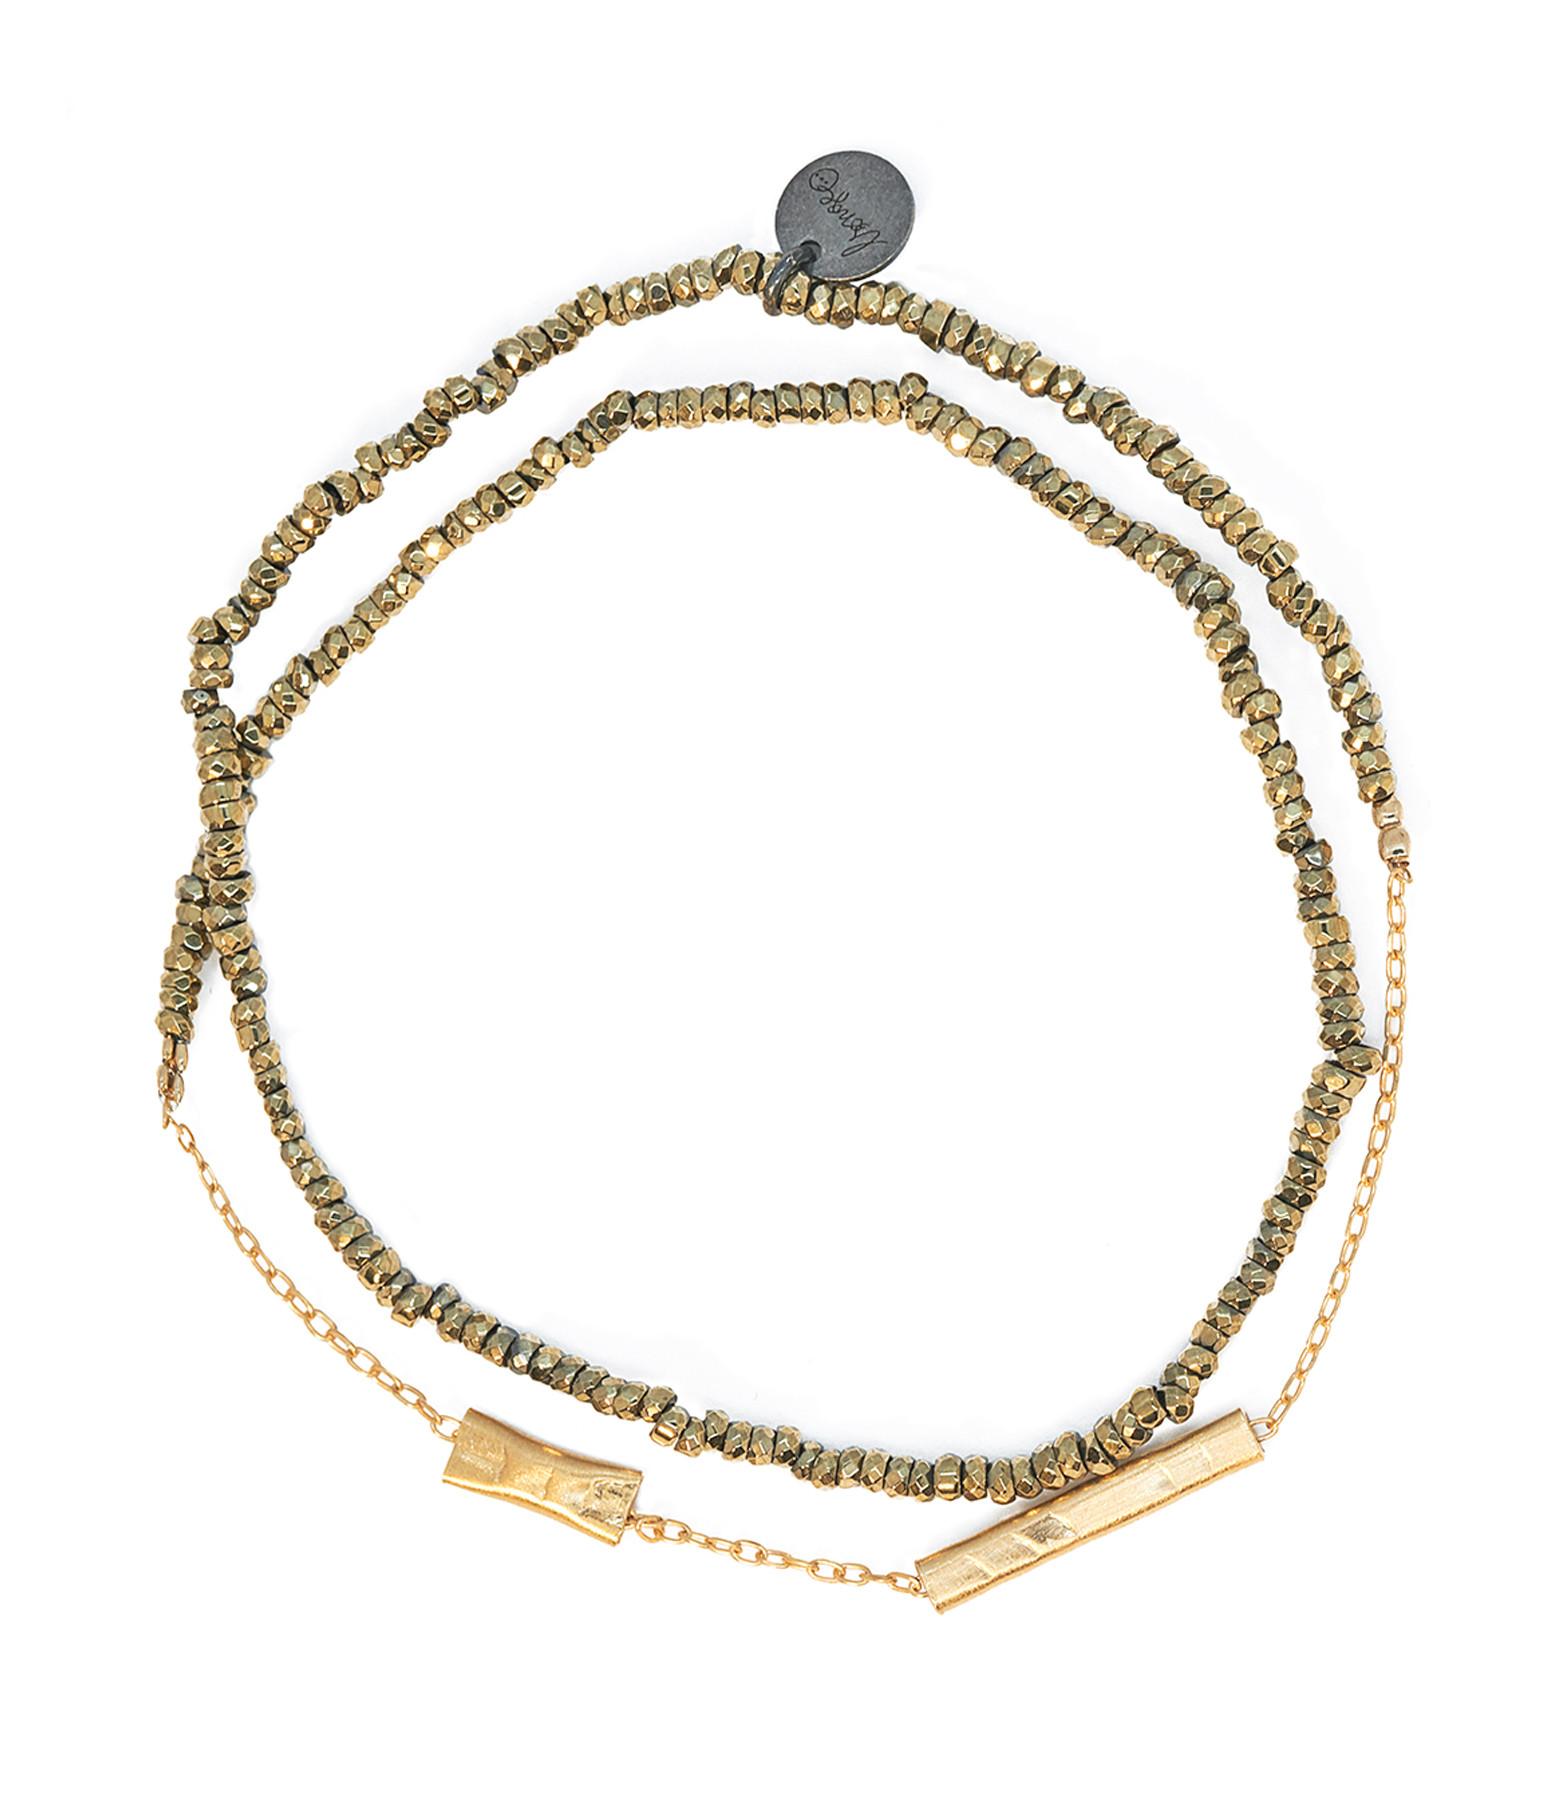 LSONGE - Bracelet Double Graphik Stone Argent Doré Kaki